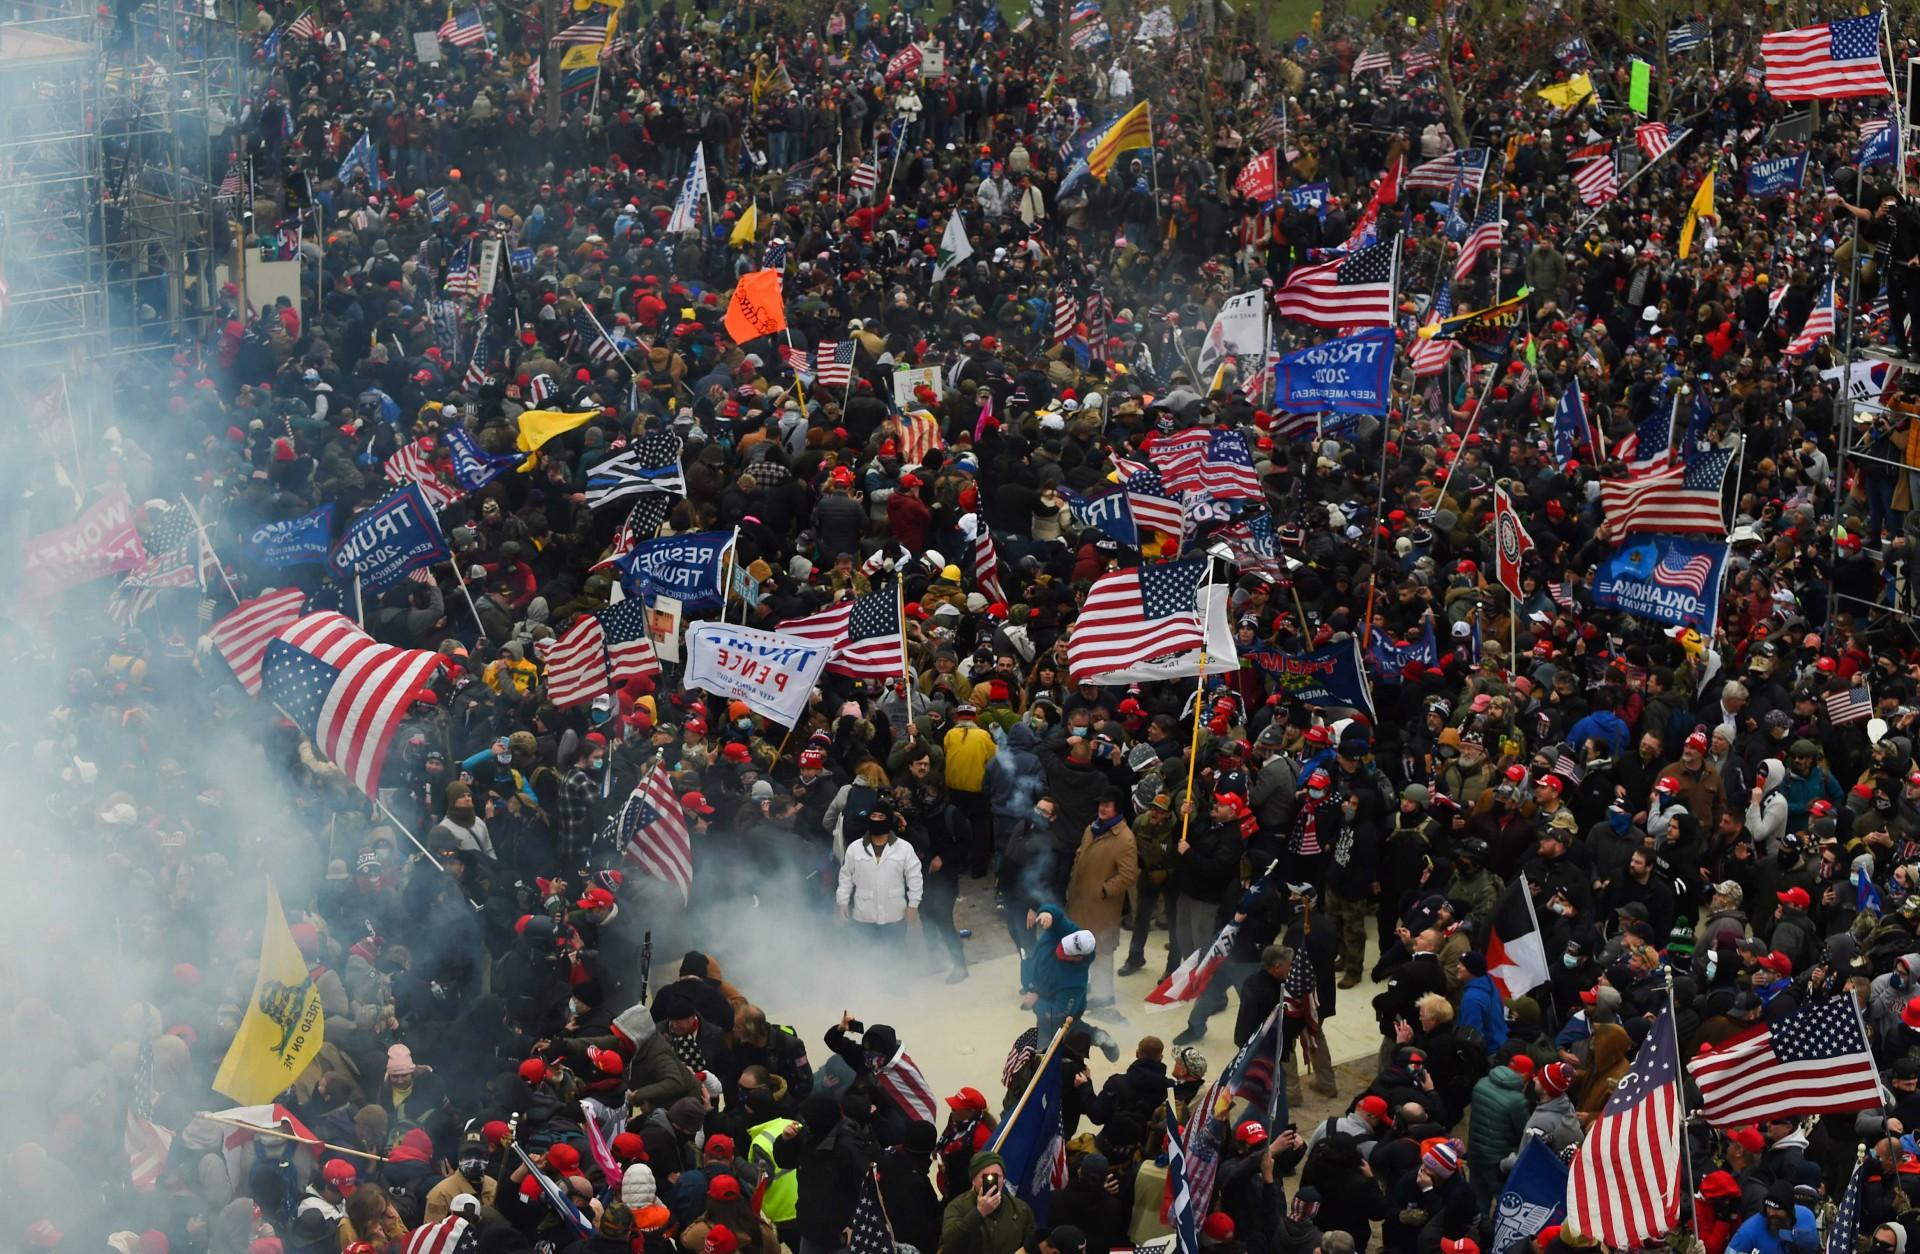 (Foto: ROBERTO SCHMIDT / AFP)Congresso dos Estados Unidos invadido por gente que não aceita o resultado eleitoral